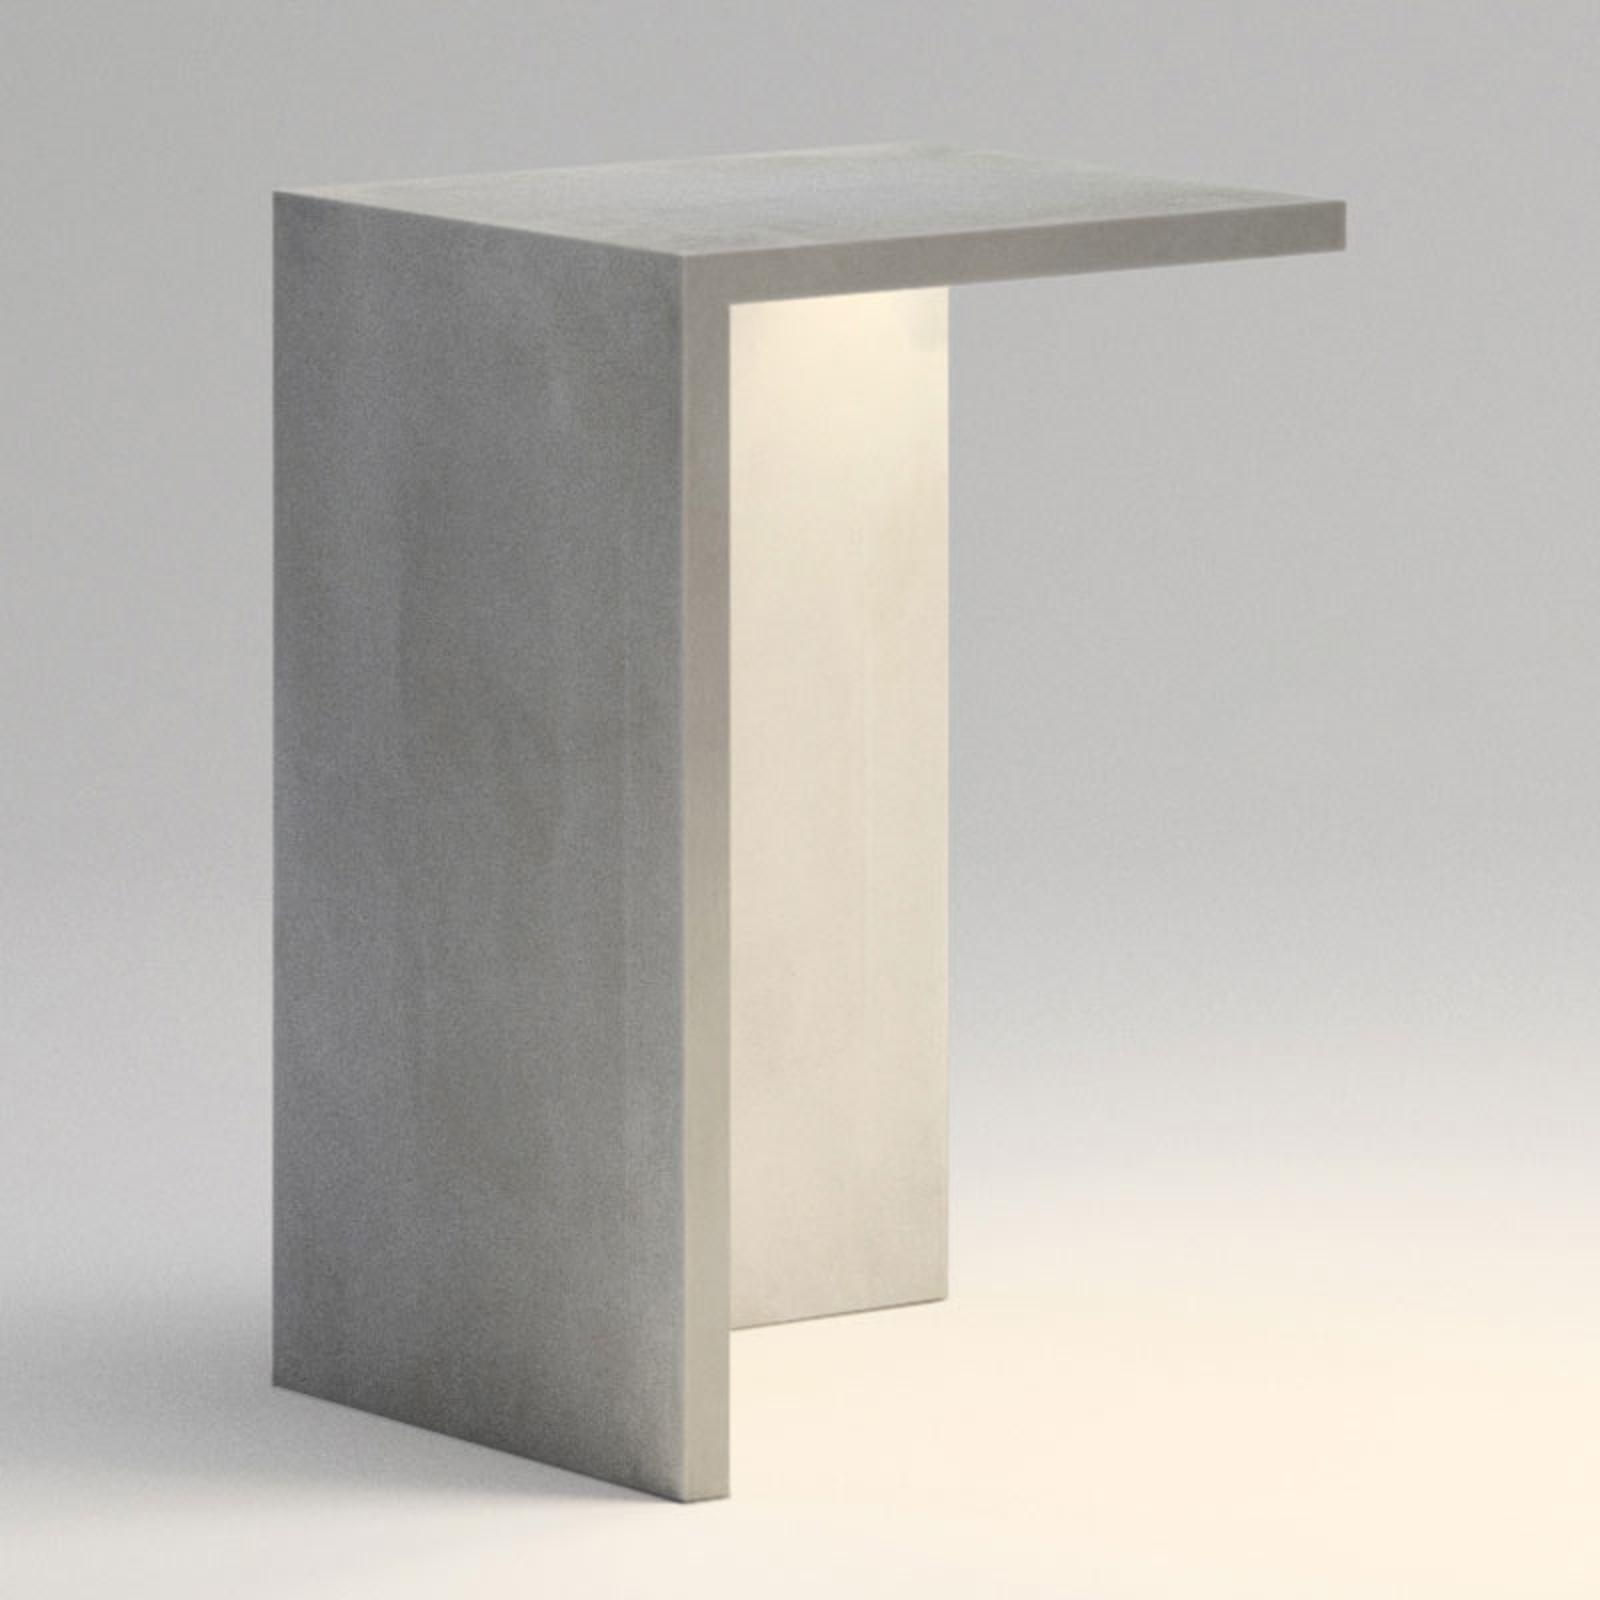 Vibia Empty 4130 applique da esterni cemento 70 cm